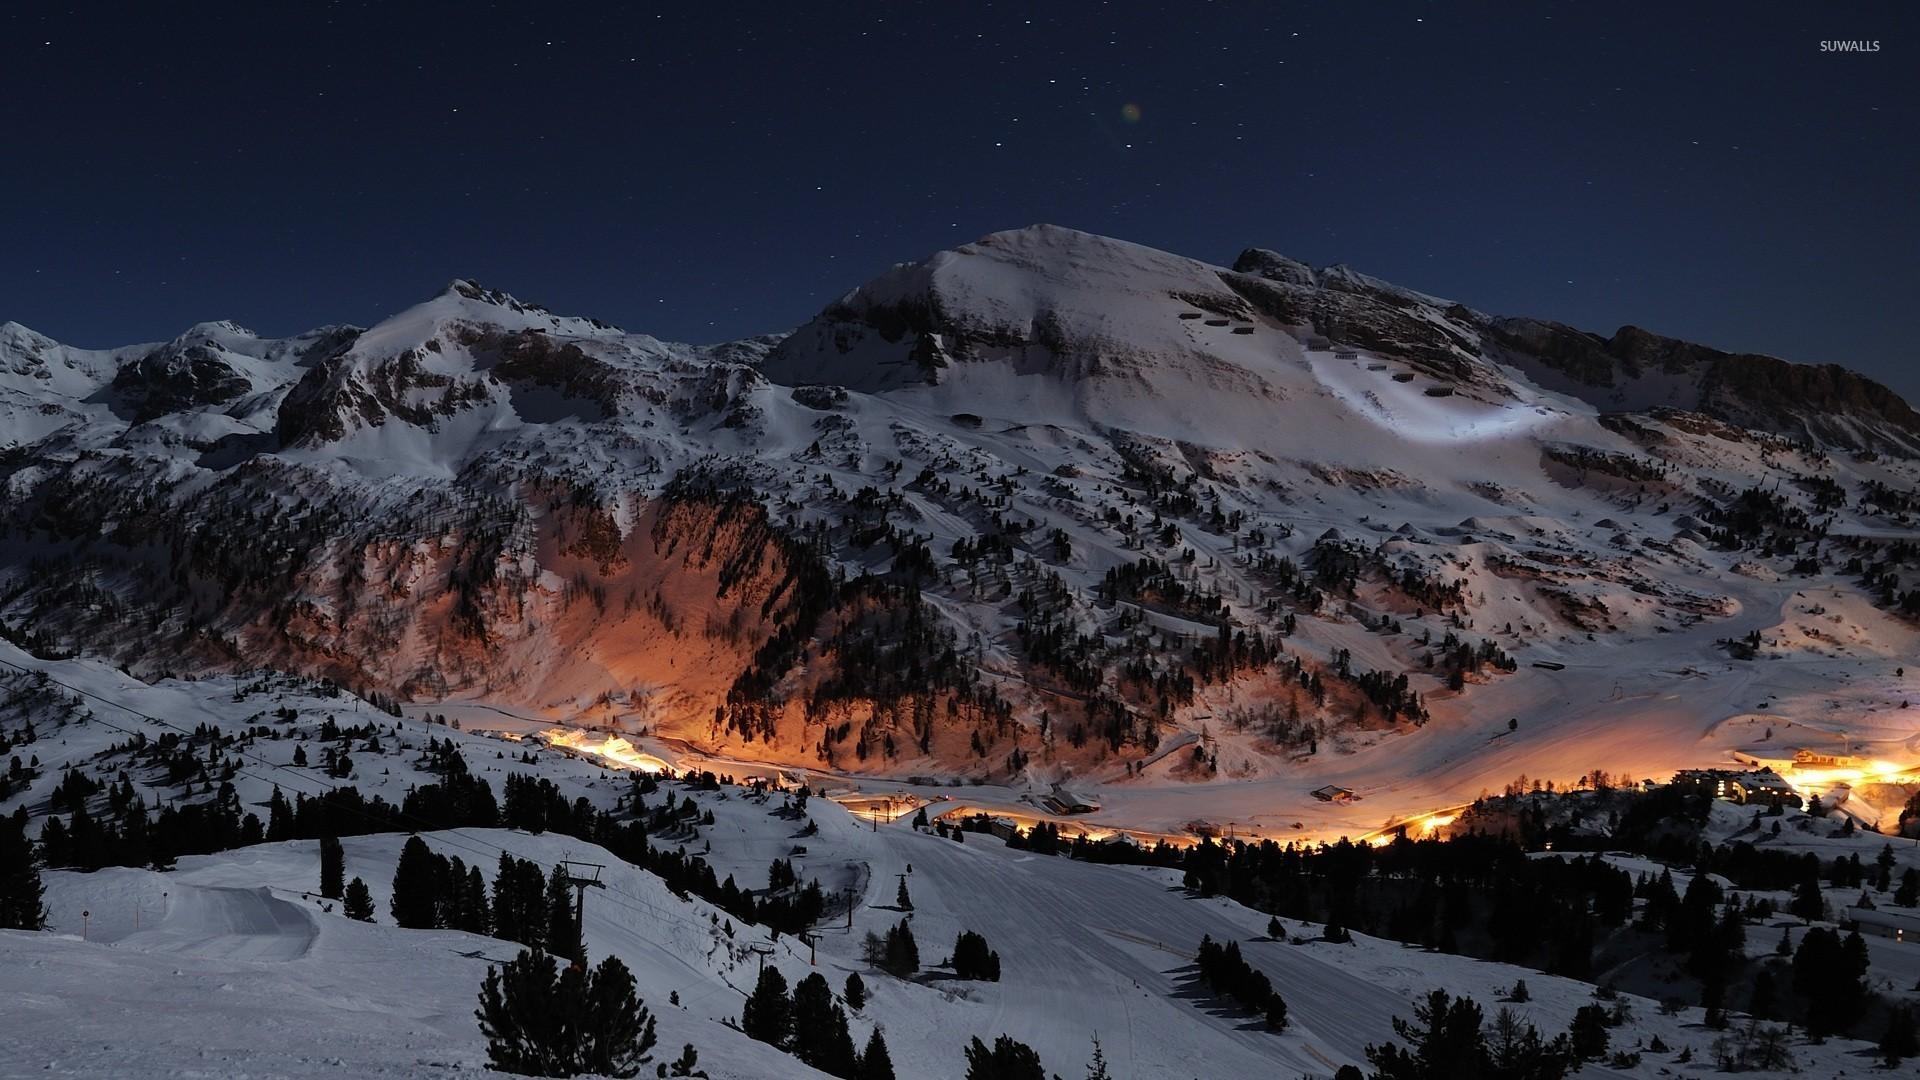 Ski Mountain Wallpaper